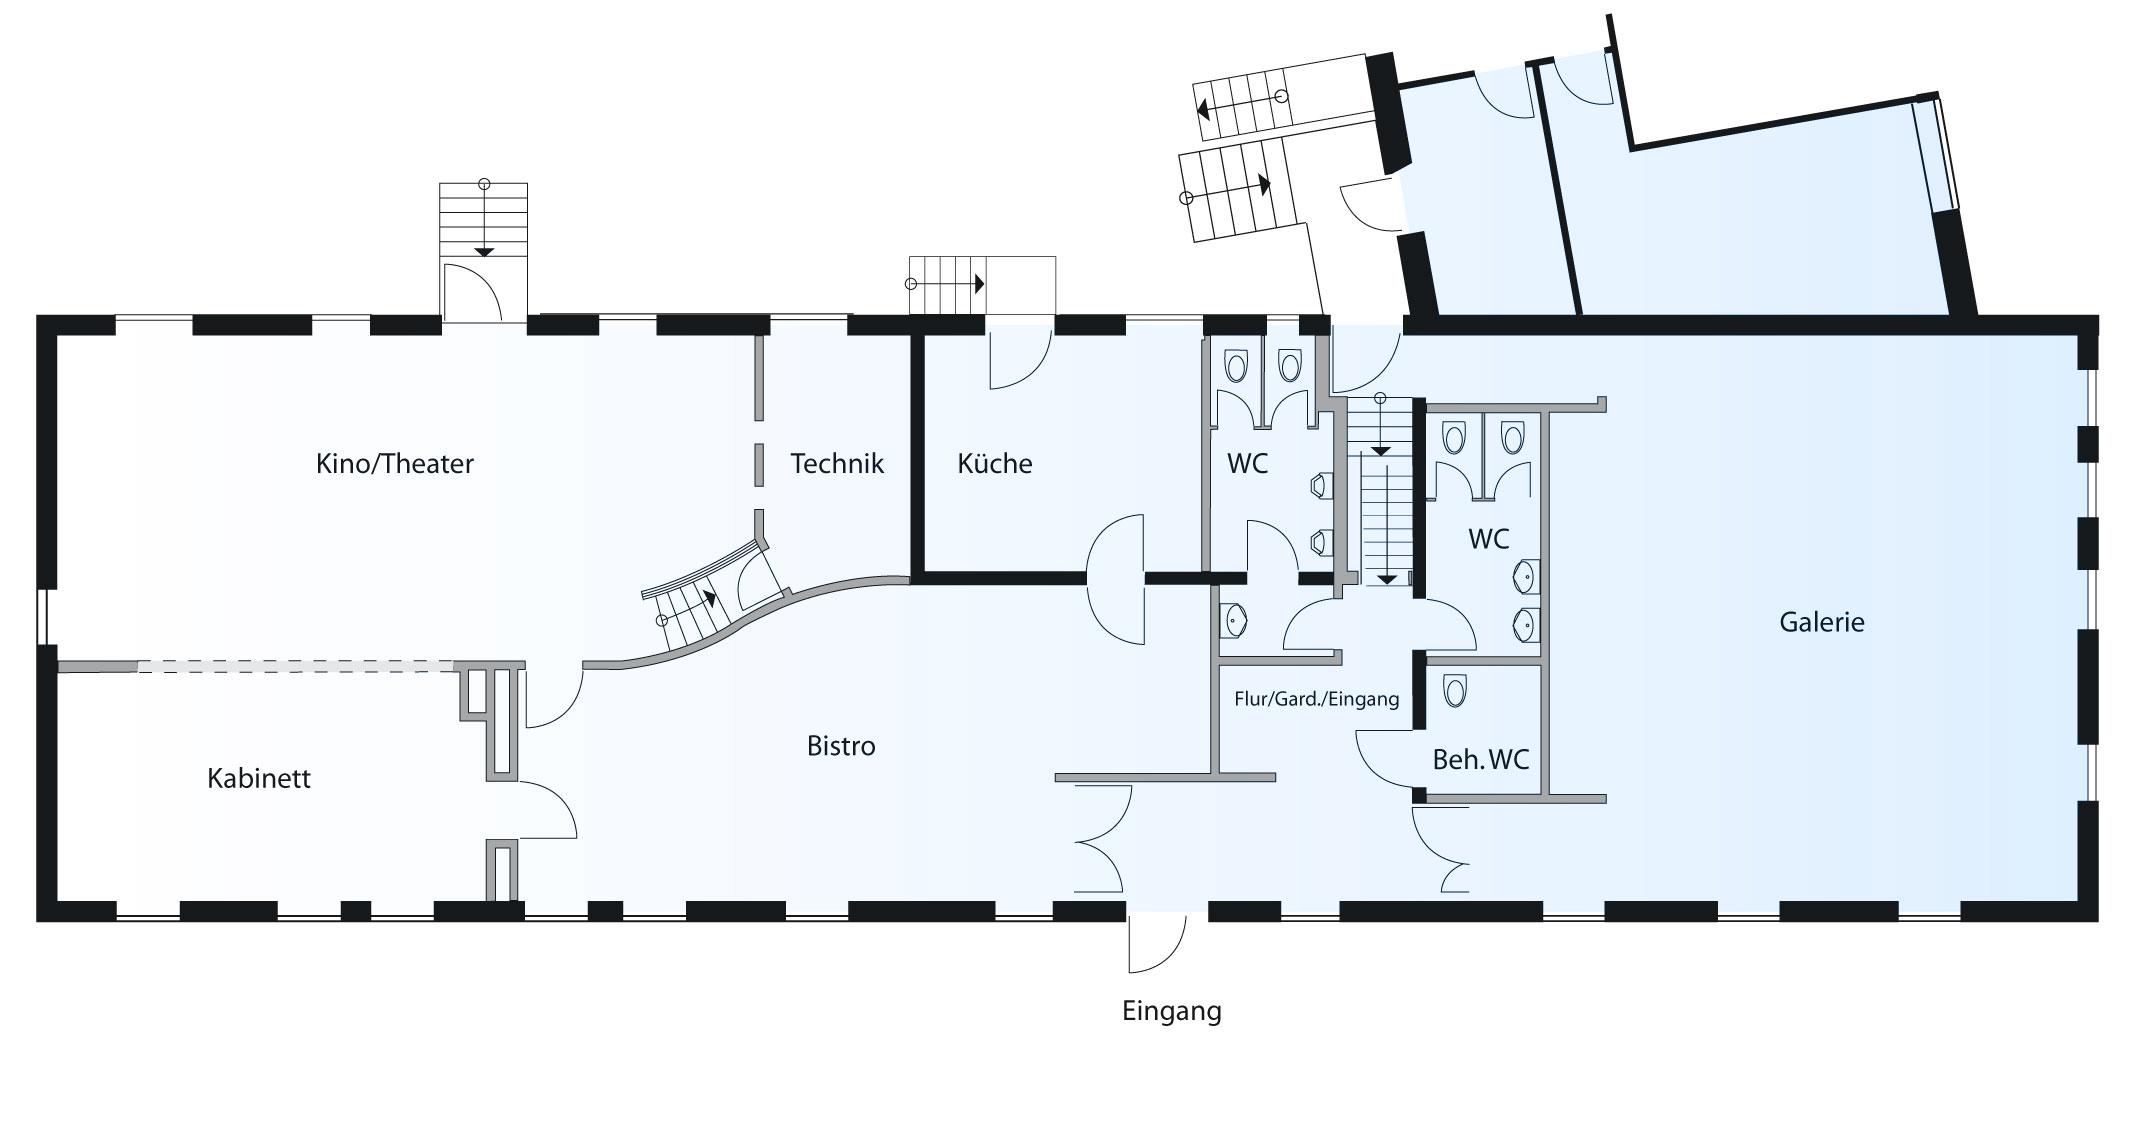 Ein Plan der Räumlichkeiten des Kulturforums